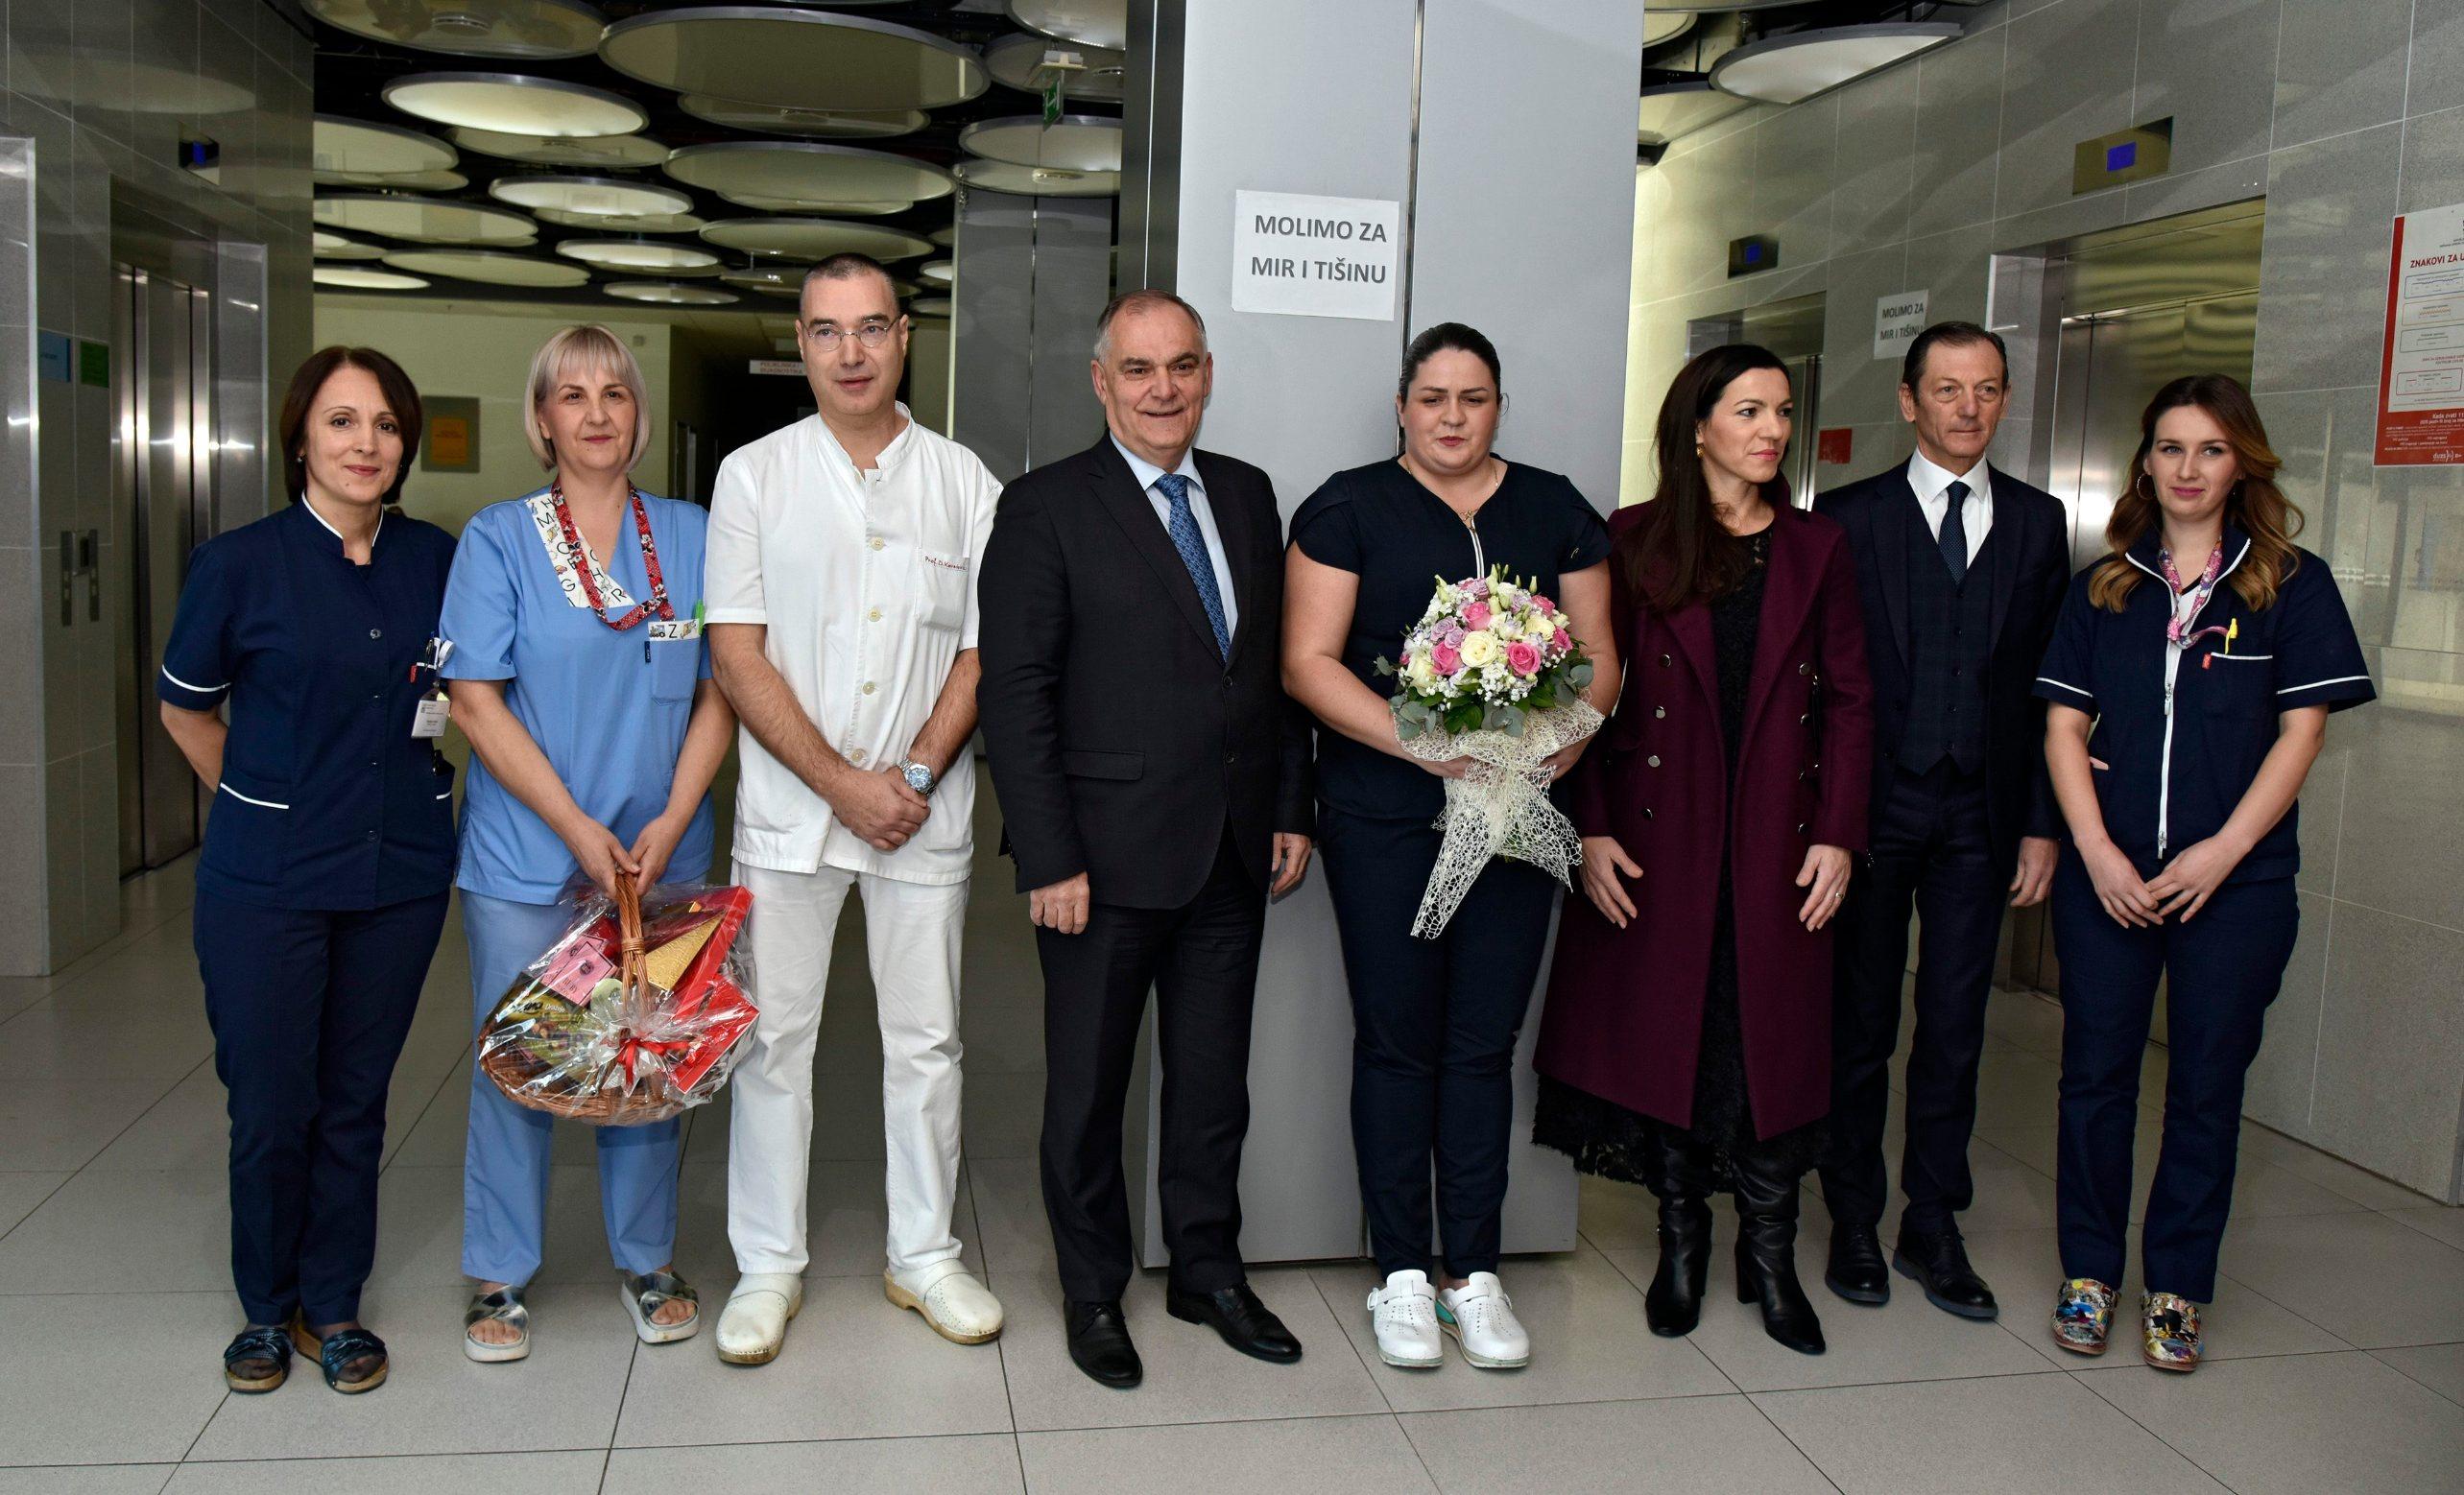 Blaženko Boban s djelatnicima rodilišta i ravnateljem KBC-a Julijem Meštrovićem